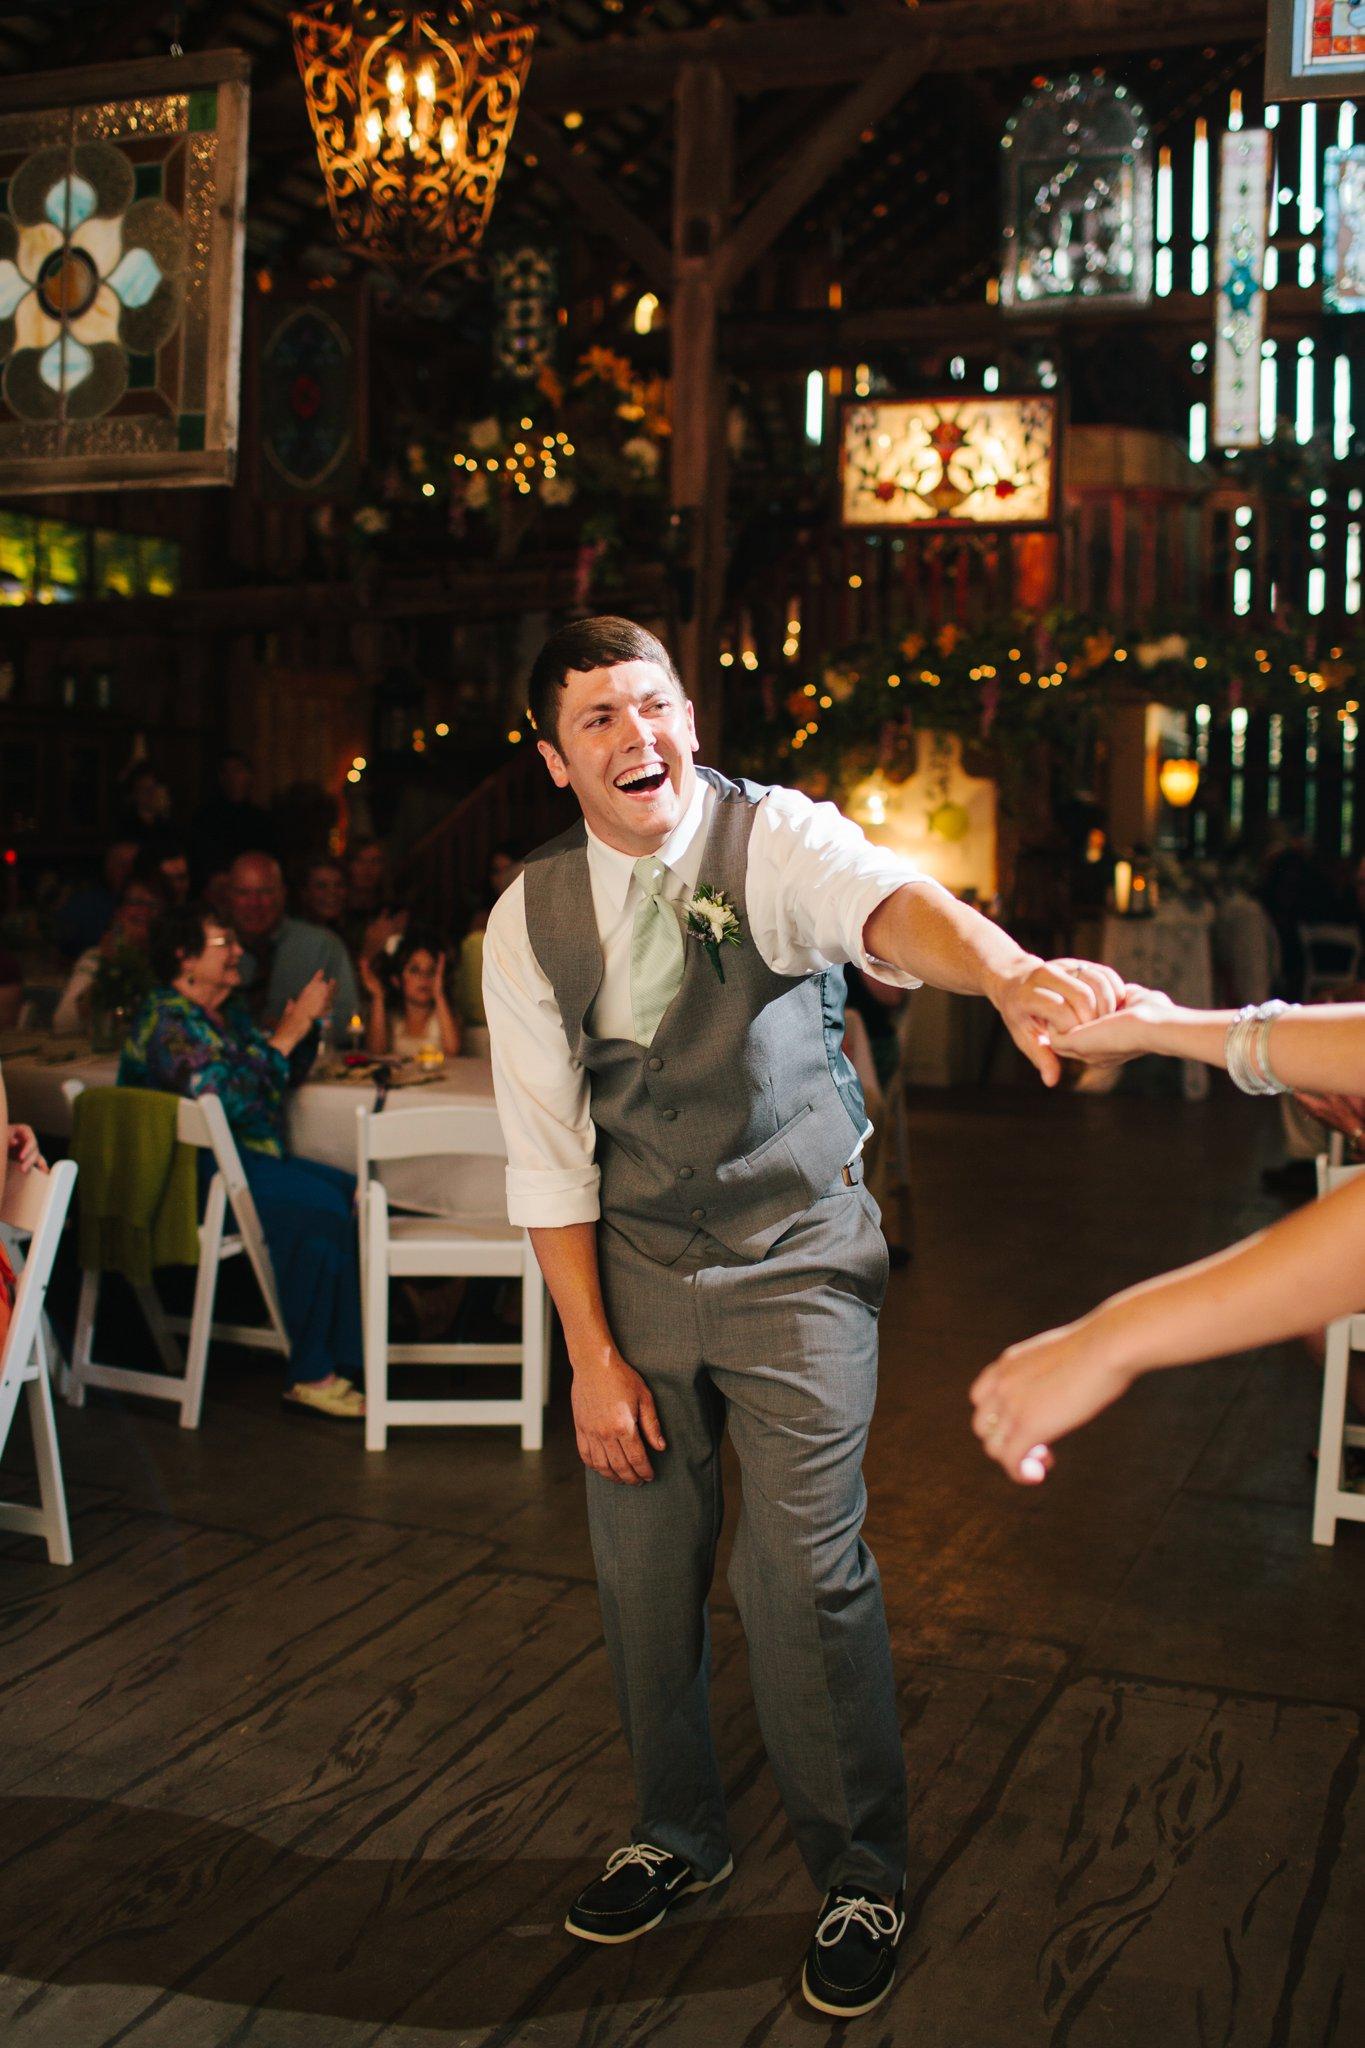 spring_hill_manor_wedding_2046.jpg